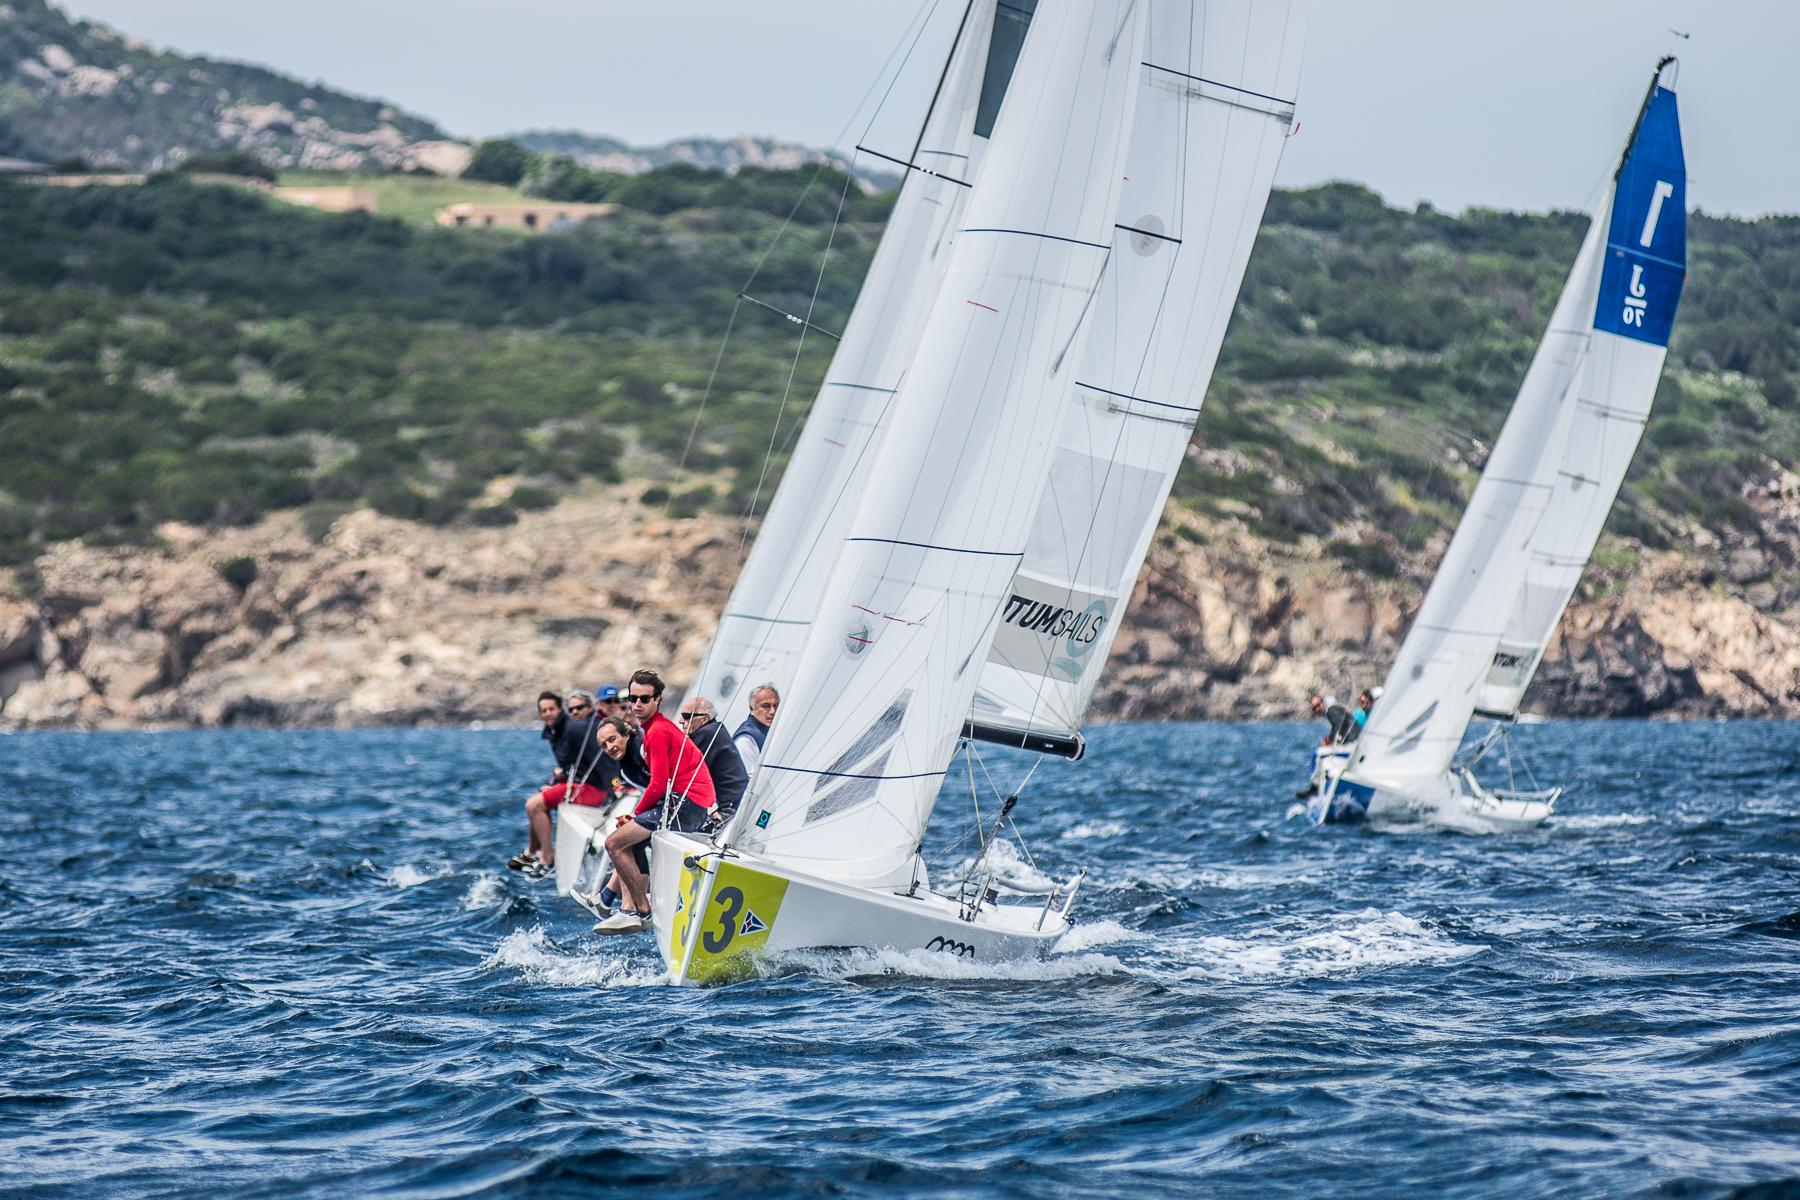 Al via la stagione sportiva dello YCCS con il Vela e Golf - NEWS - Yacht Club Costa Smeralda